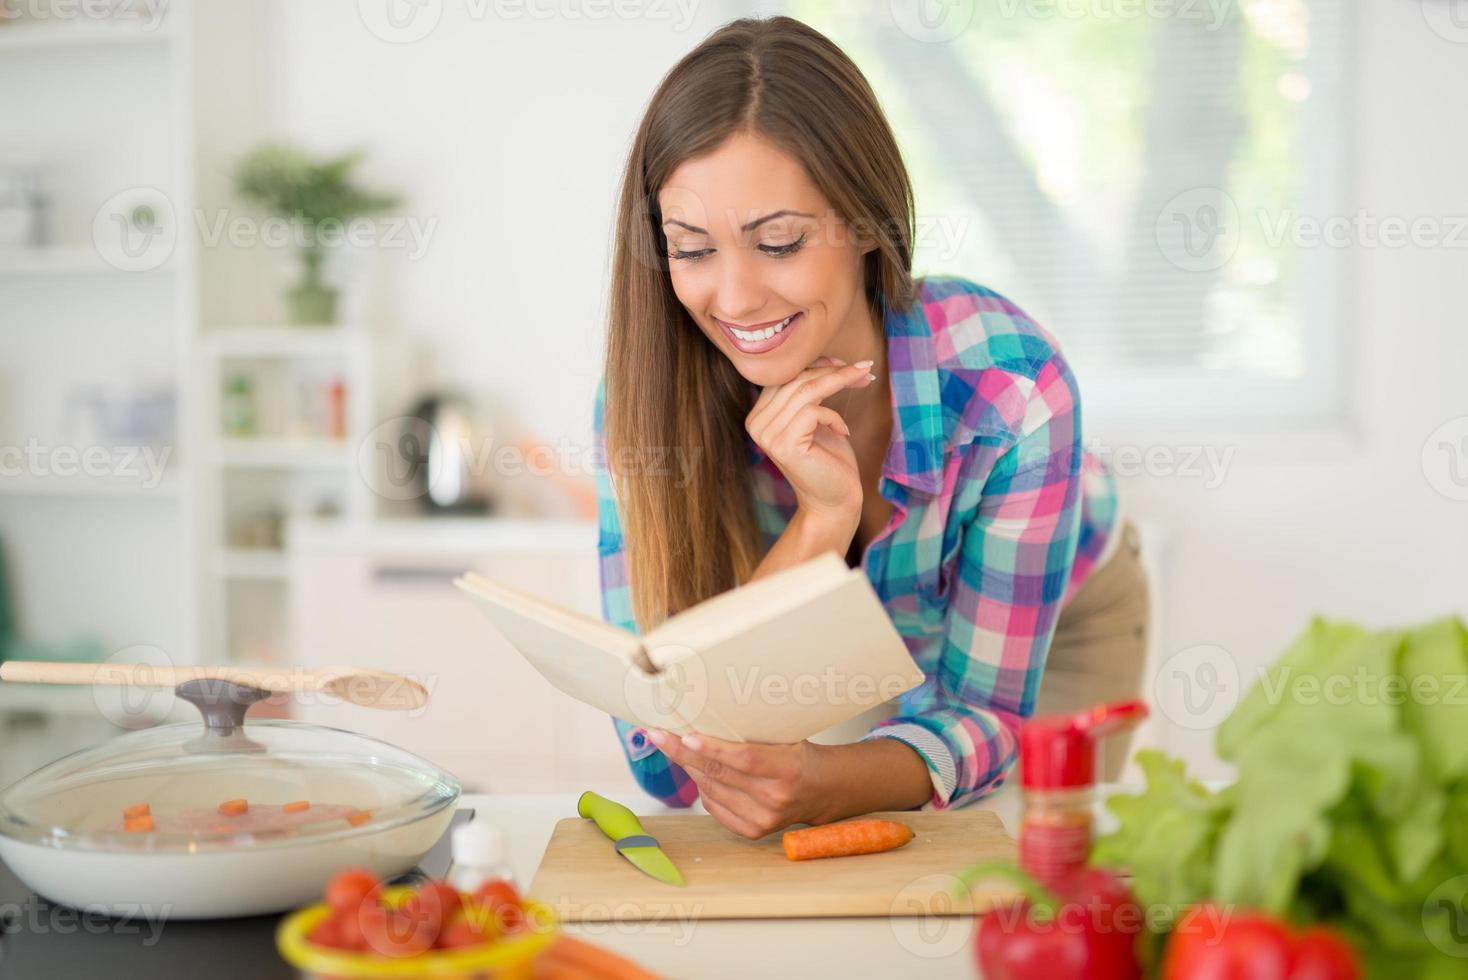 jeune femme, cuisine photo